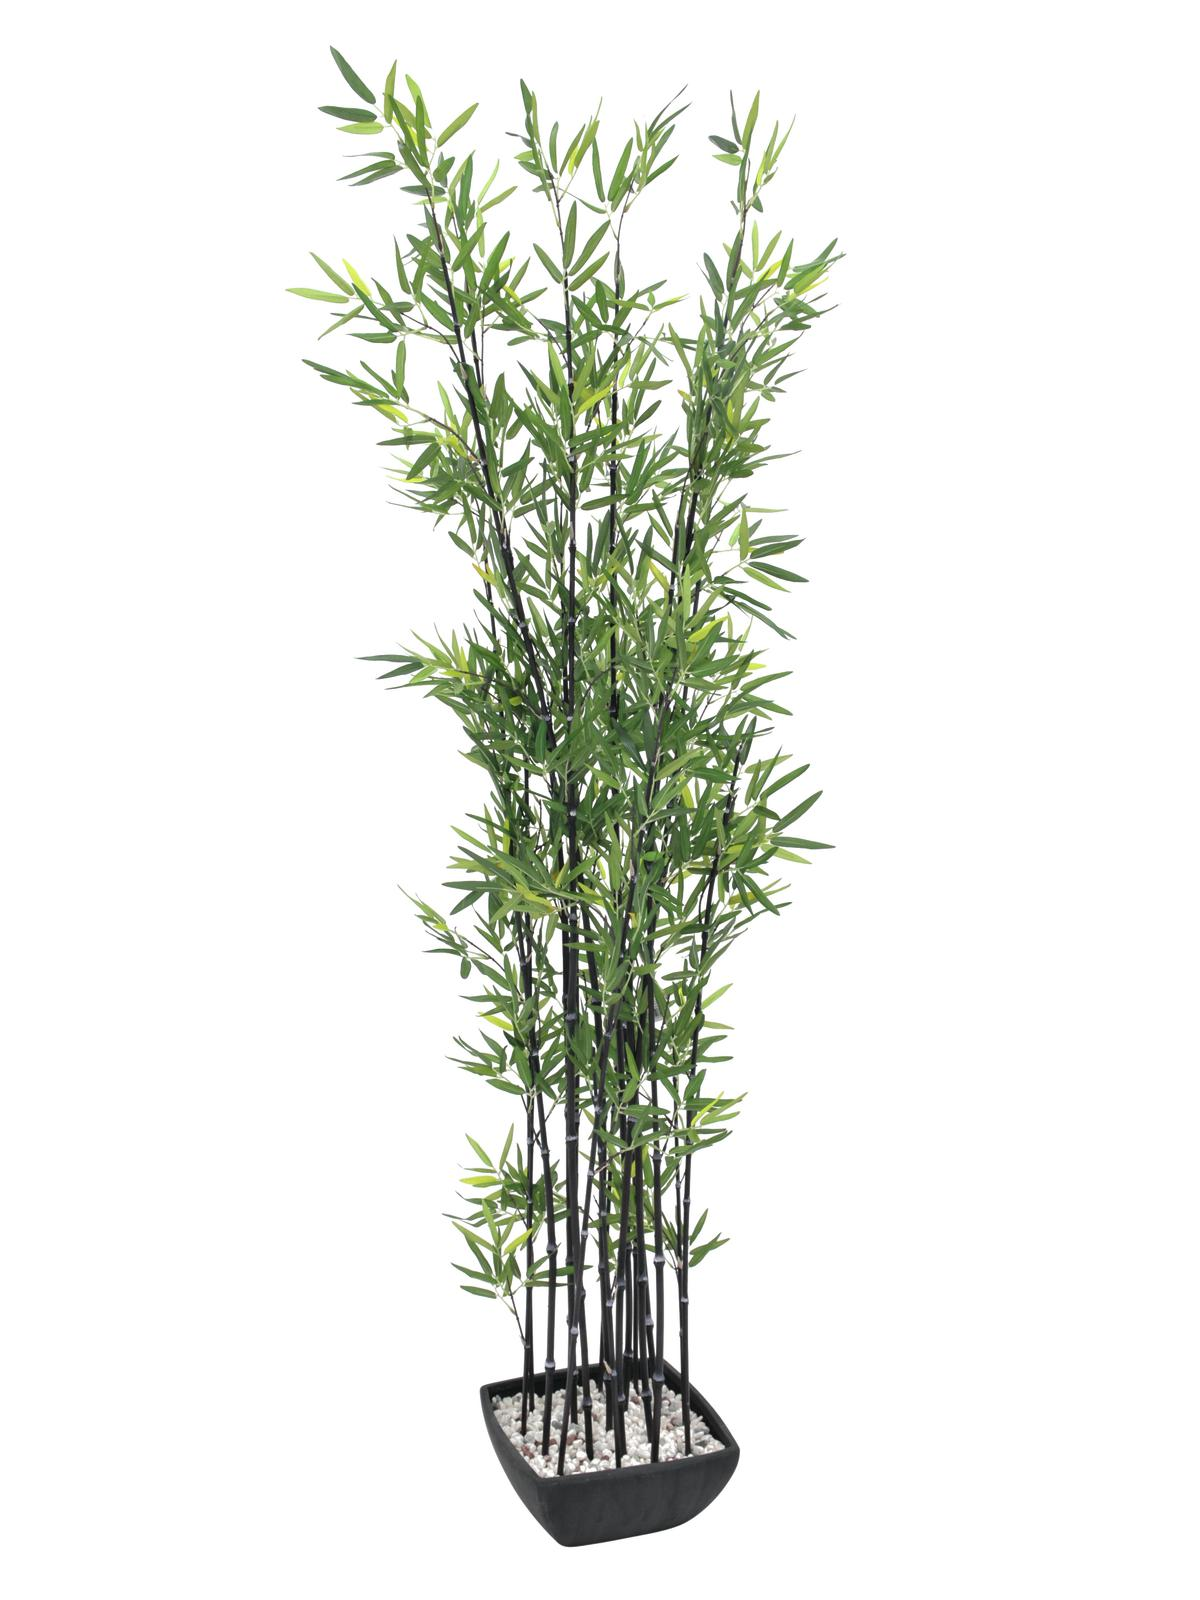 Bambus v černém květináči, 180 cm